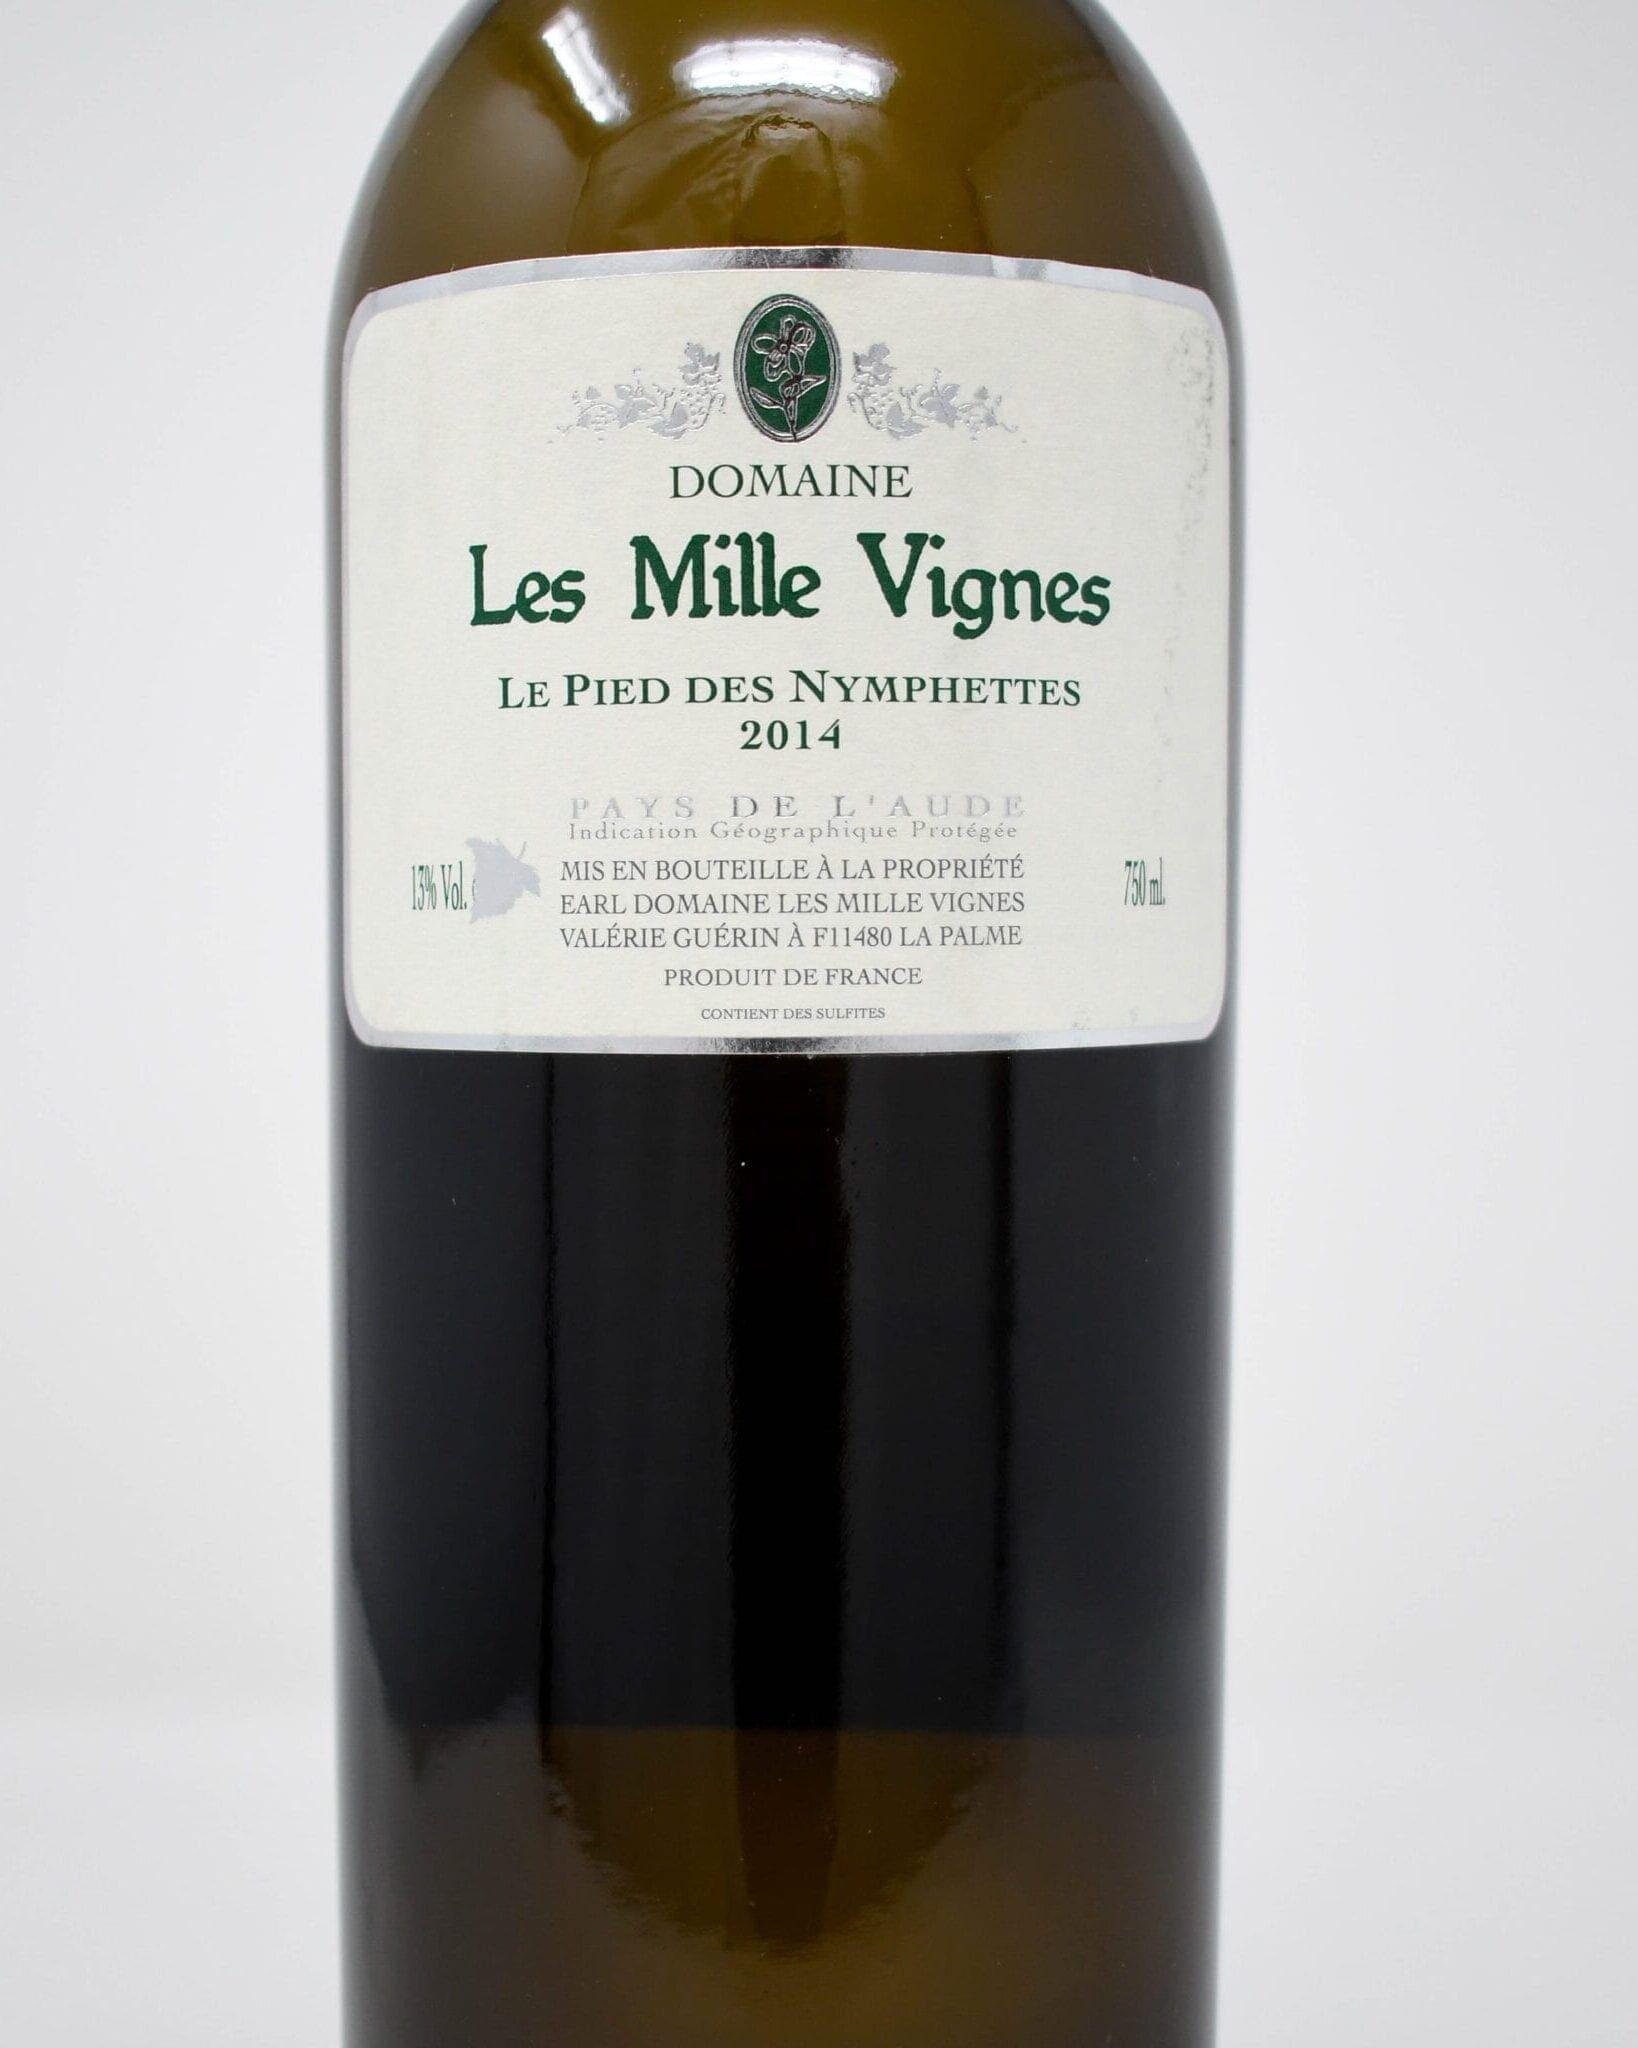 Domaine Les Mille Vignes, Le Pied des Nymphettes